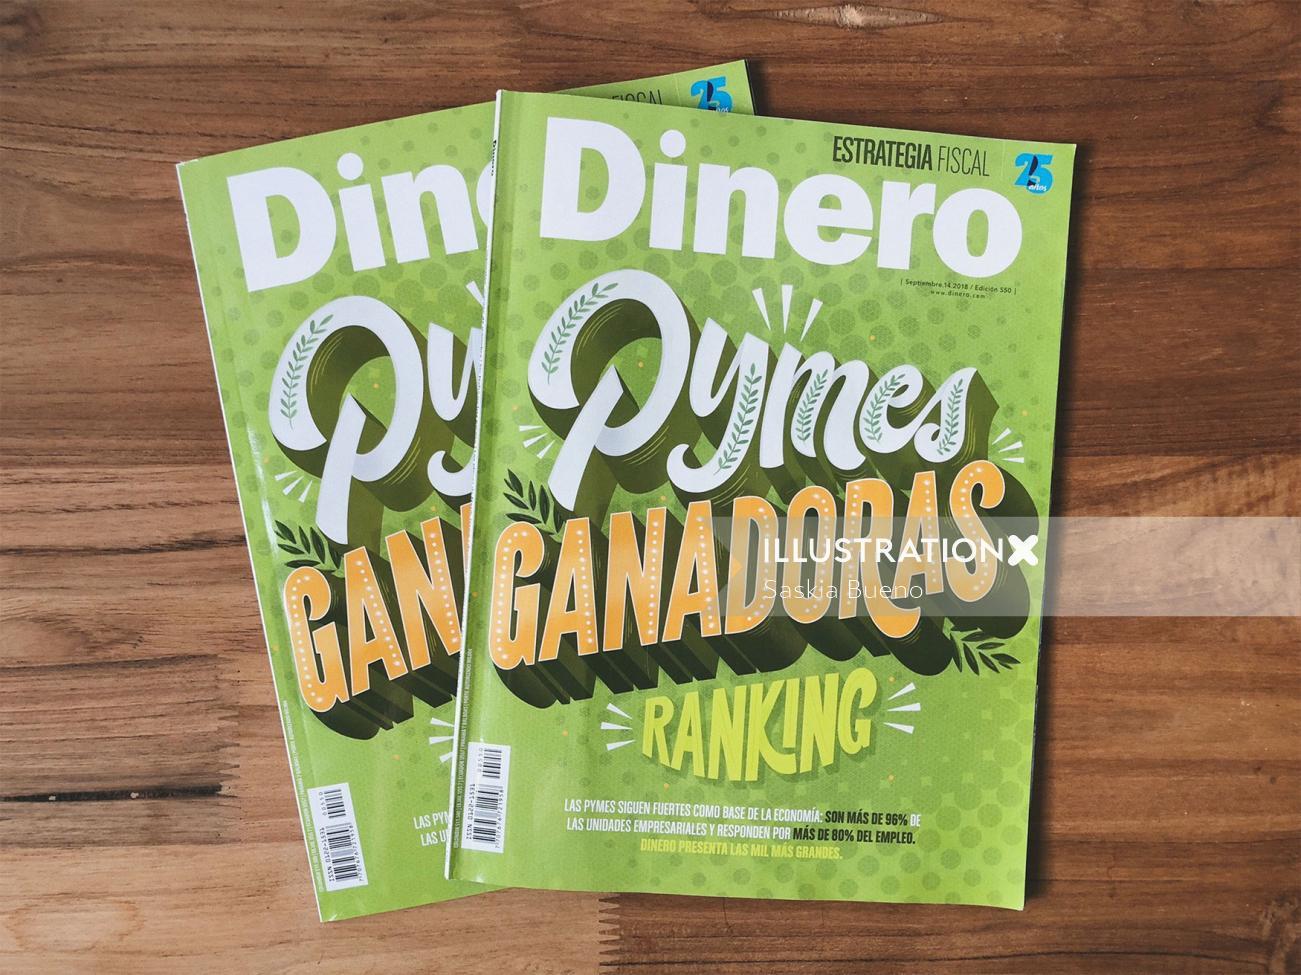 Dinero book cover illustration